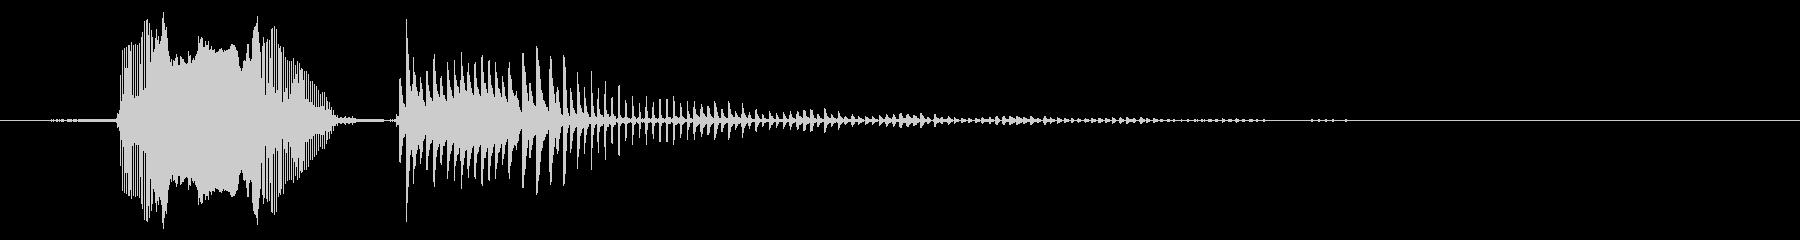 コミカルなきしみとボインの未再生の波形